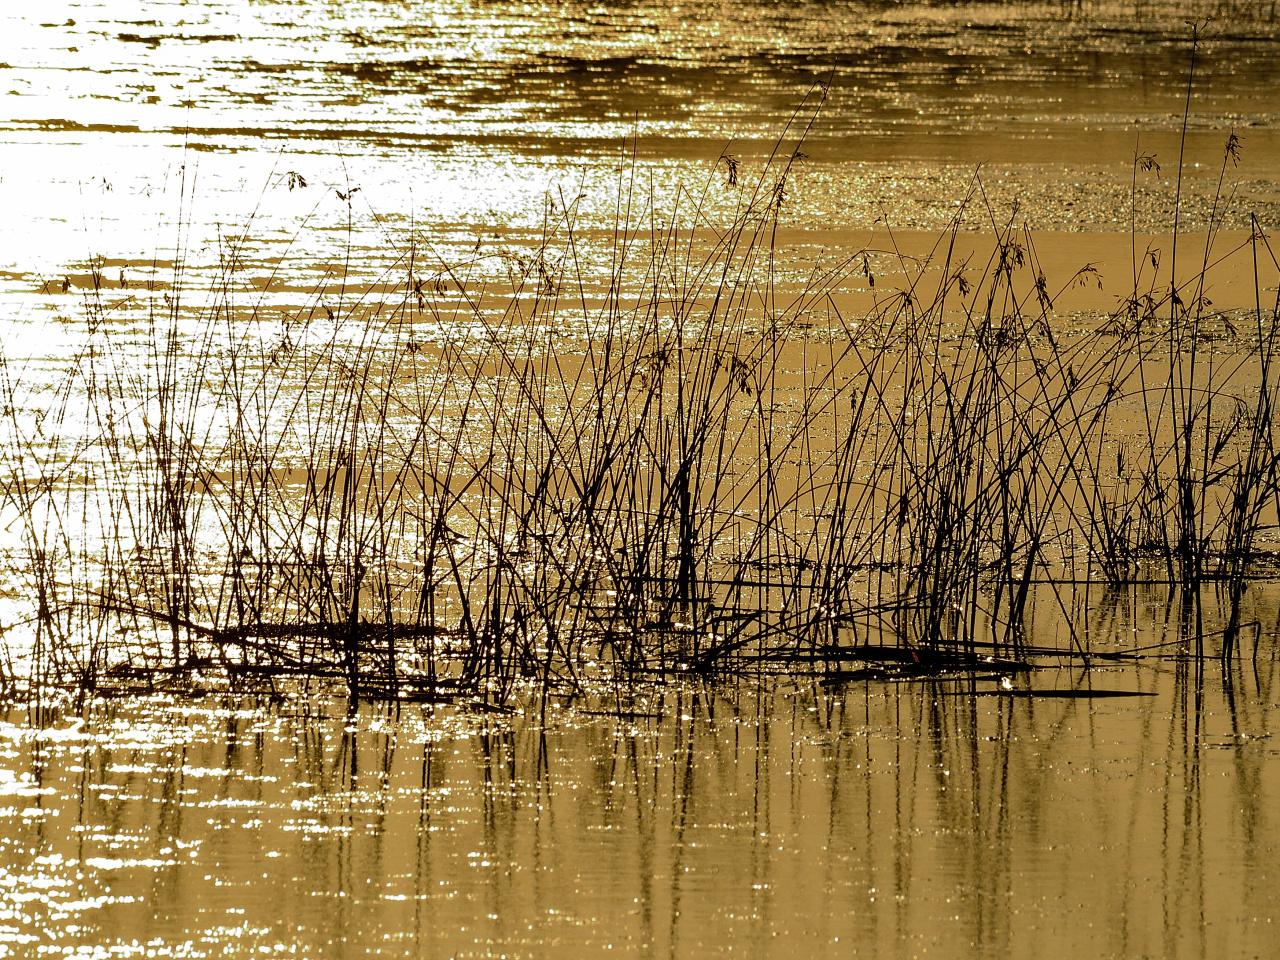 Goldener See, golden lake,  lago dorado